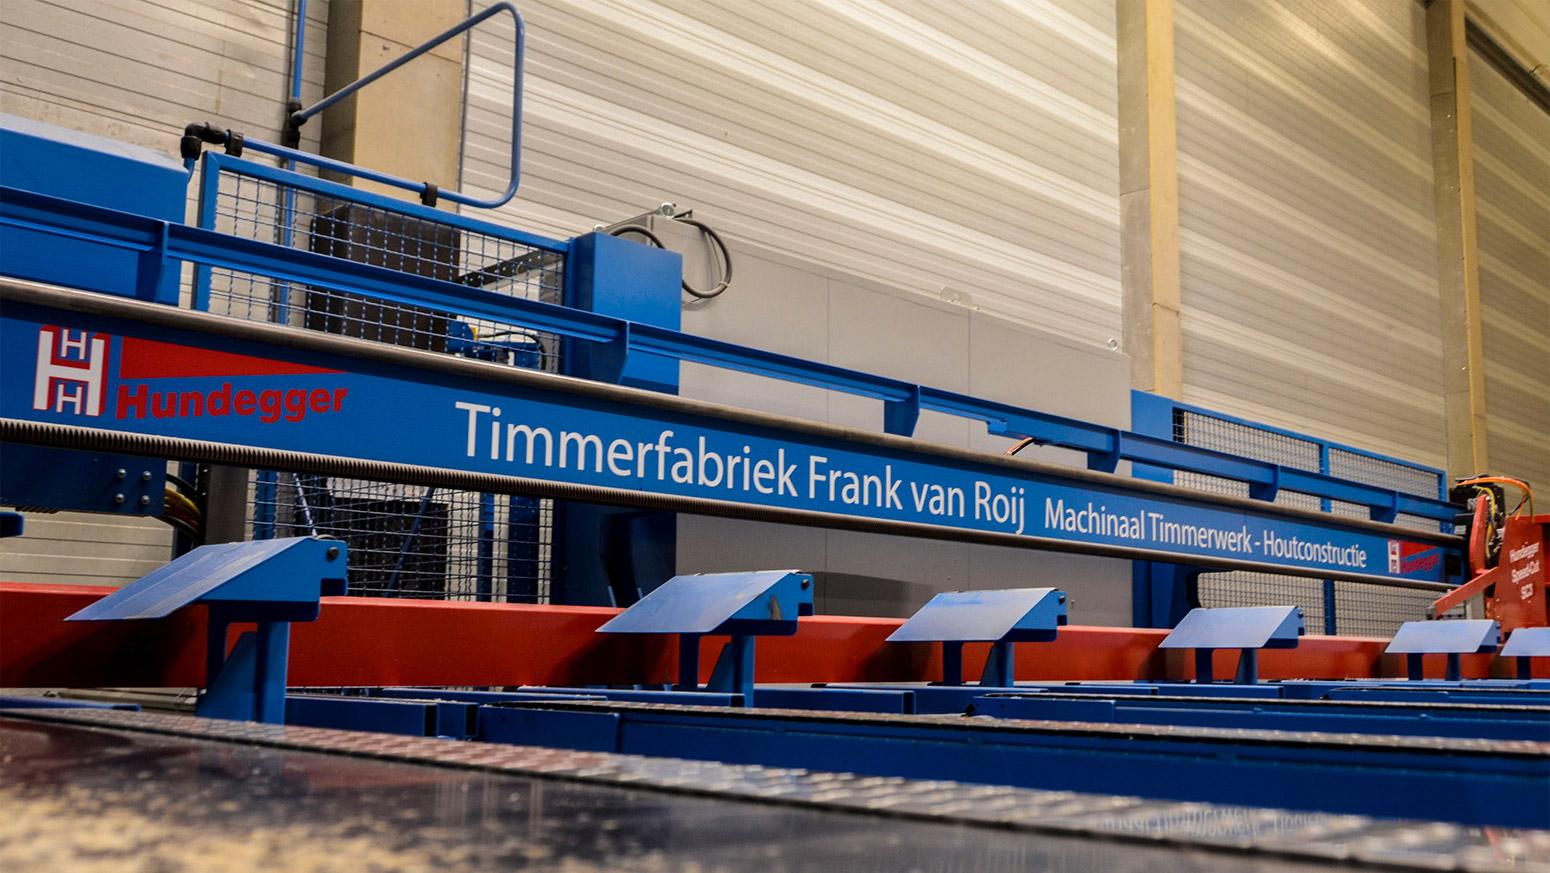 Houtverwerkingsmachine Hundegger Timmerfabriek Frank van Roij Goirle